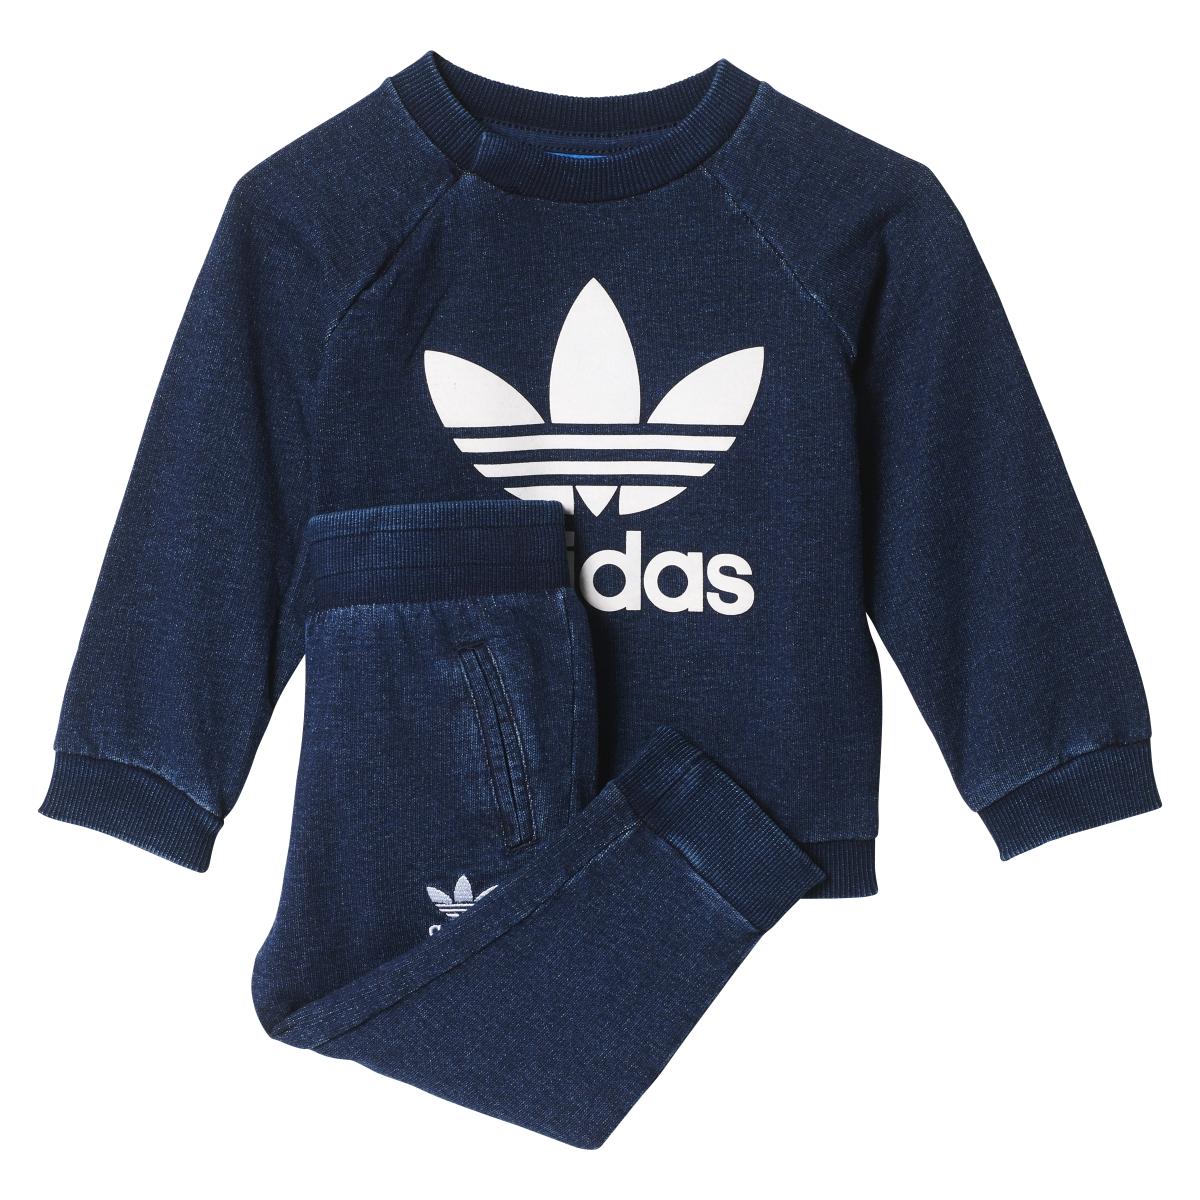 Adidas Originals Denim Infant Crew Track Suit Collegiate ...